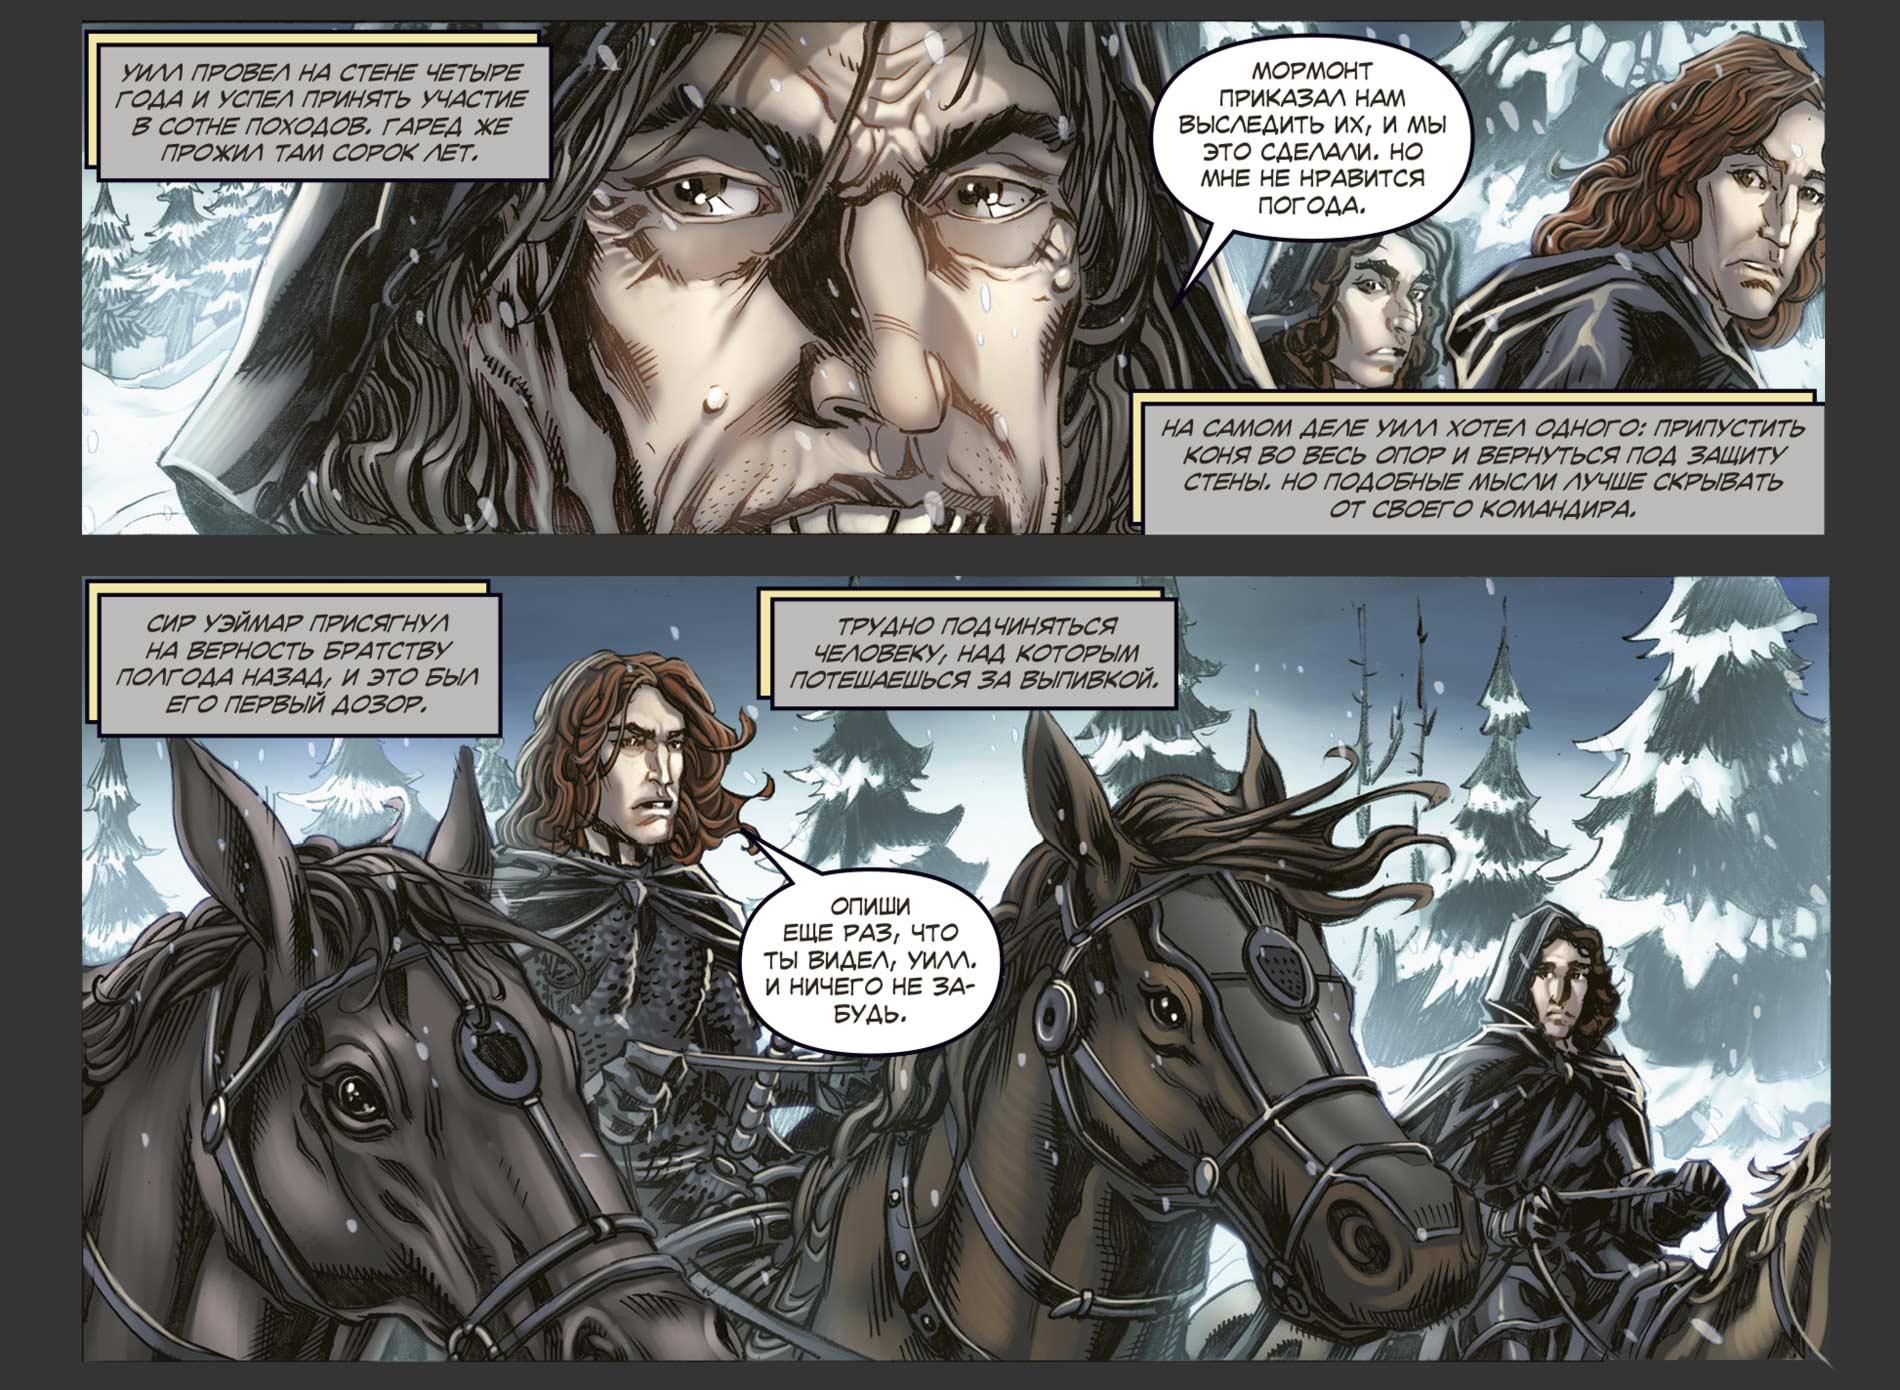 Джордж мартин игра престолов. Битва королей скачать книгу fb2 txt.